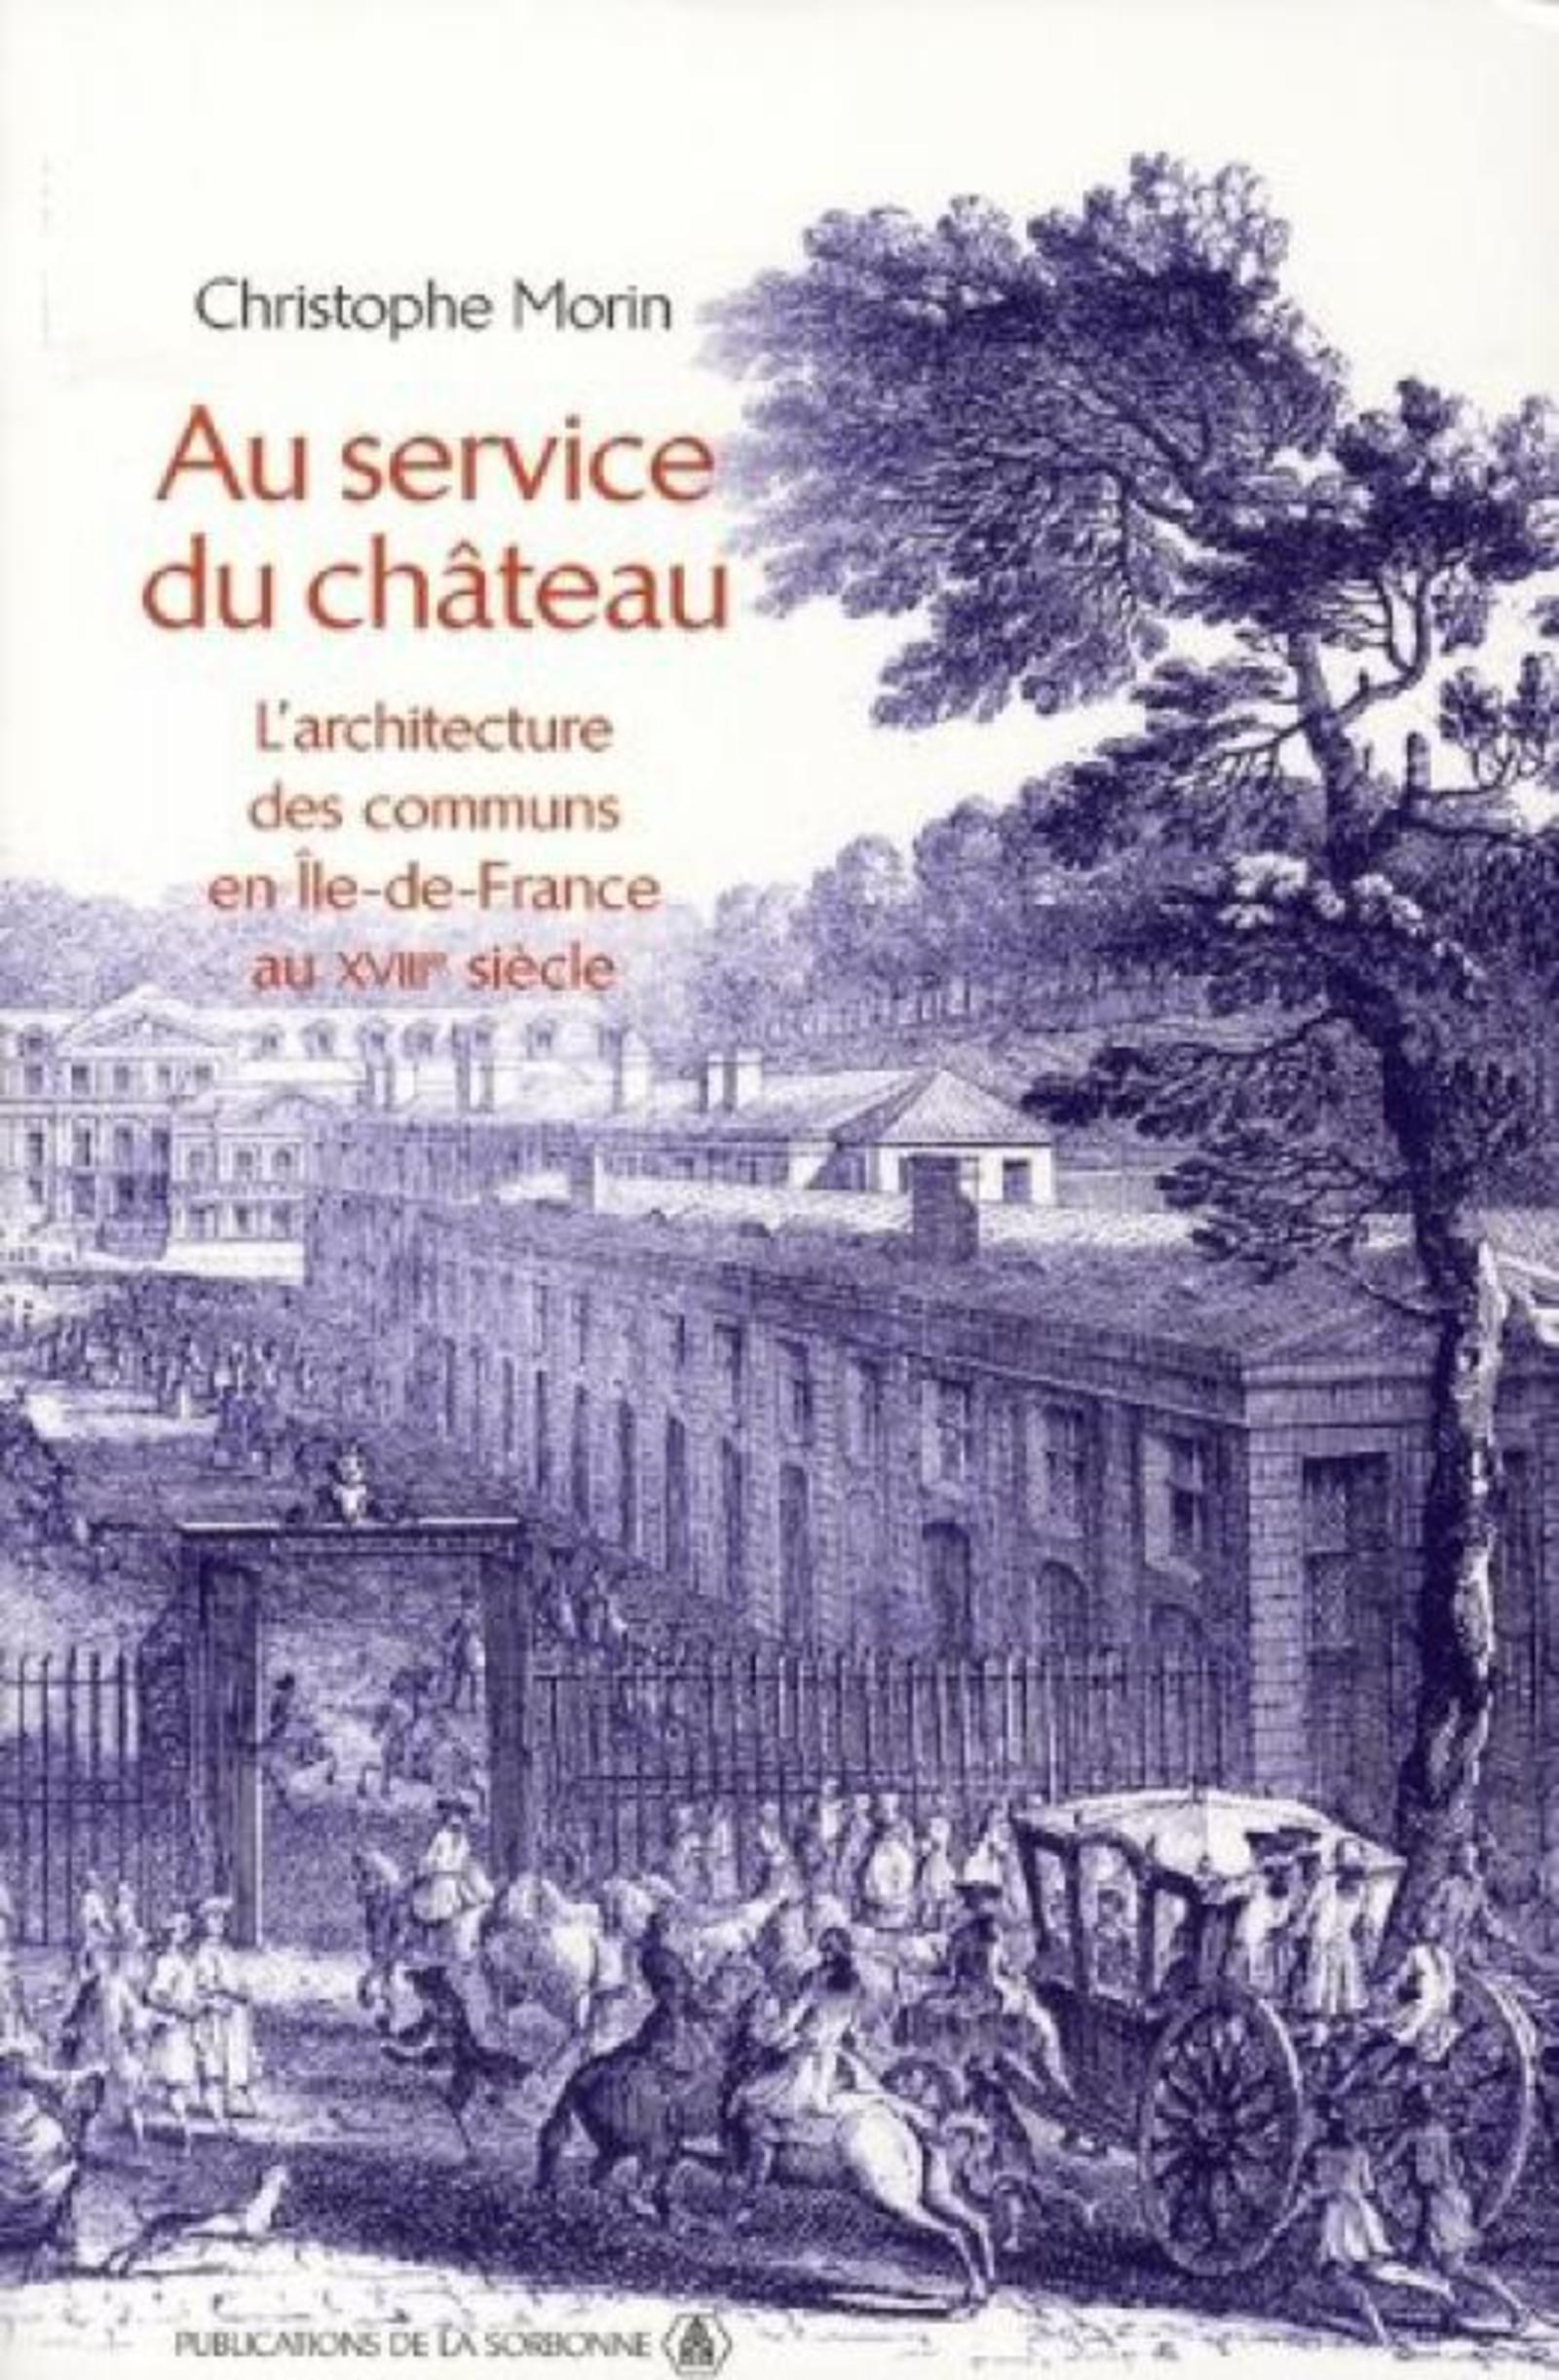 AU SERVICE DU CHATEAU. L ARCHITECTURE DES COMMUNS AU XVIIIE SIECLE